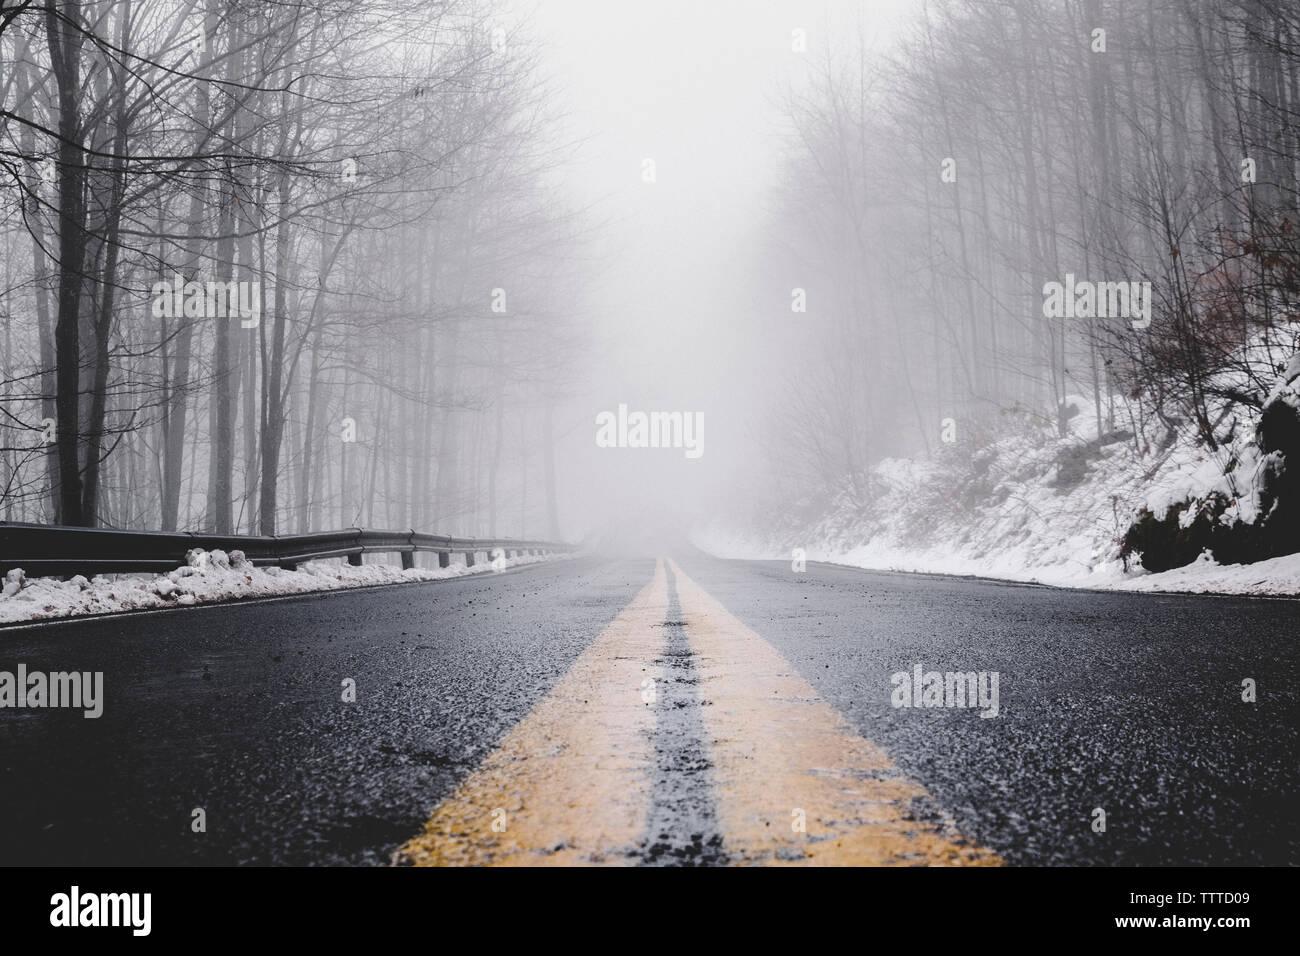 Vuoto paese bagnato strada in mezzo a nudo alberi durante la nebbia meteo Foto Stock